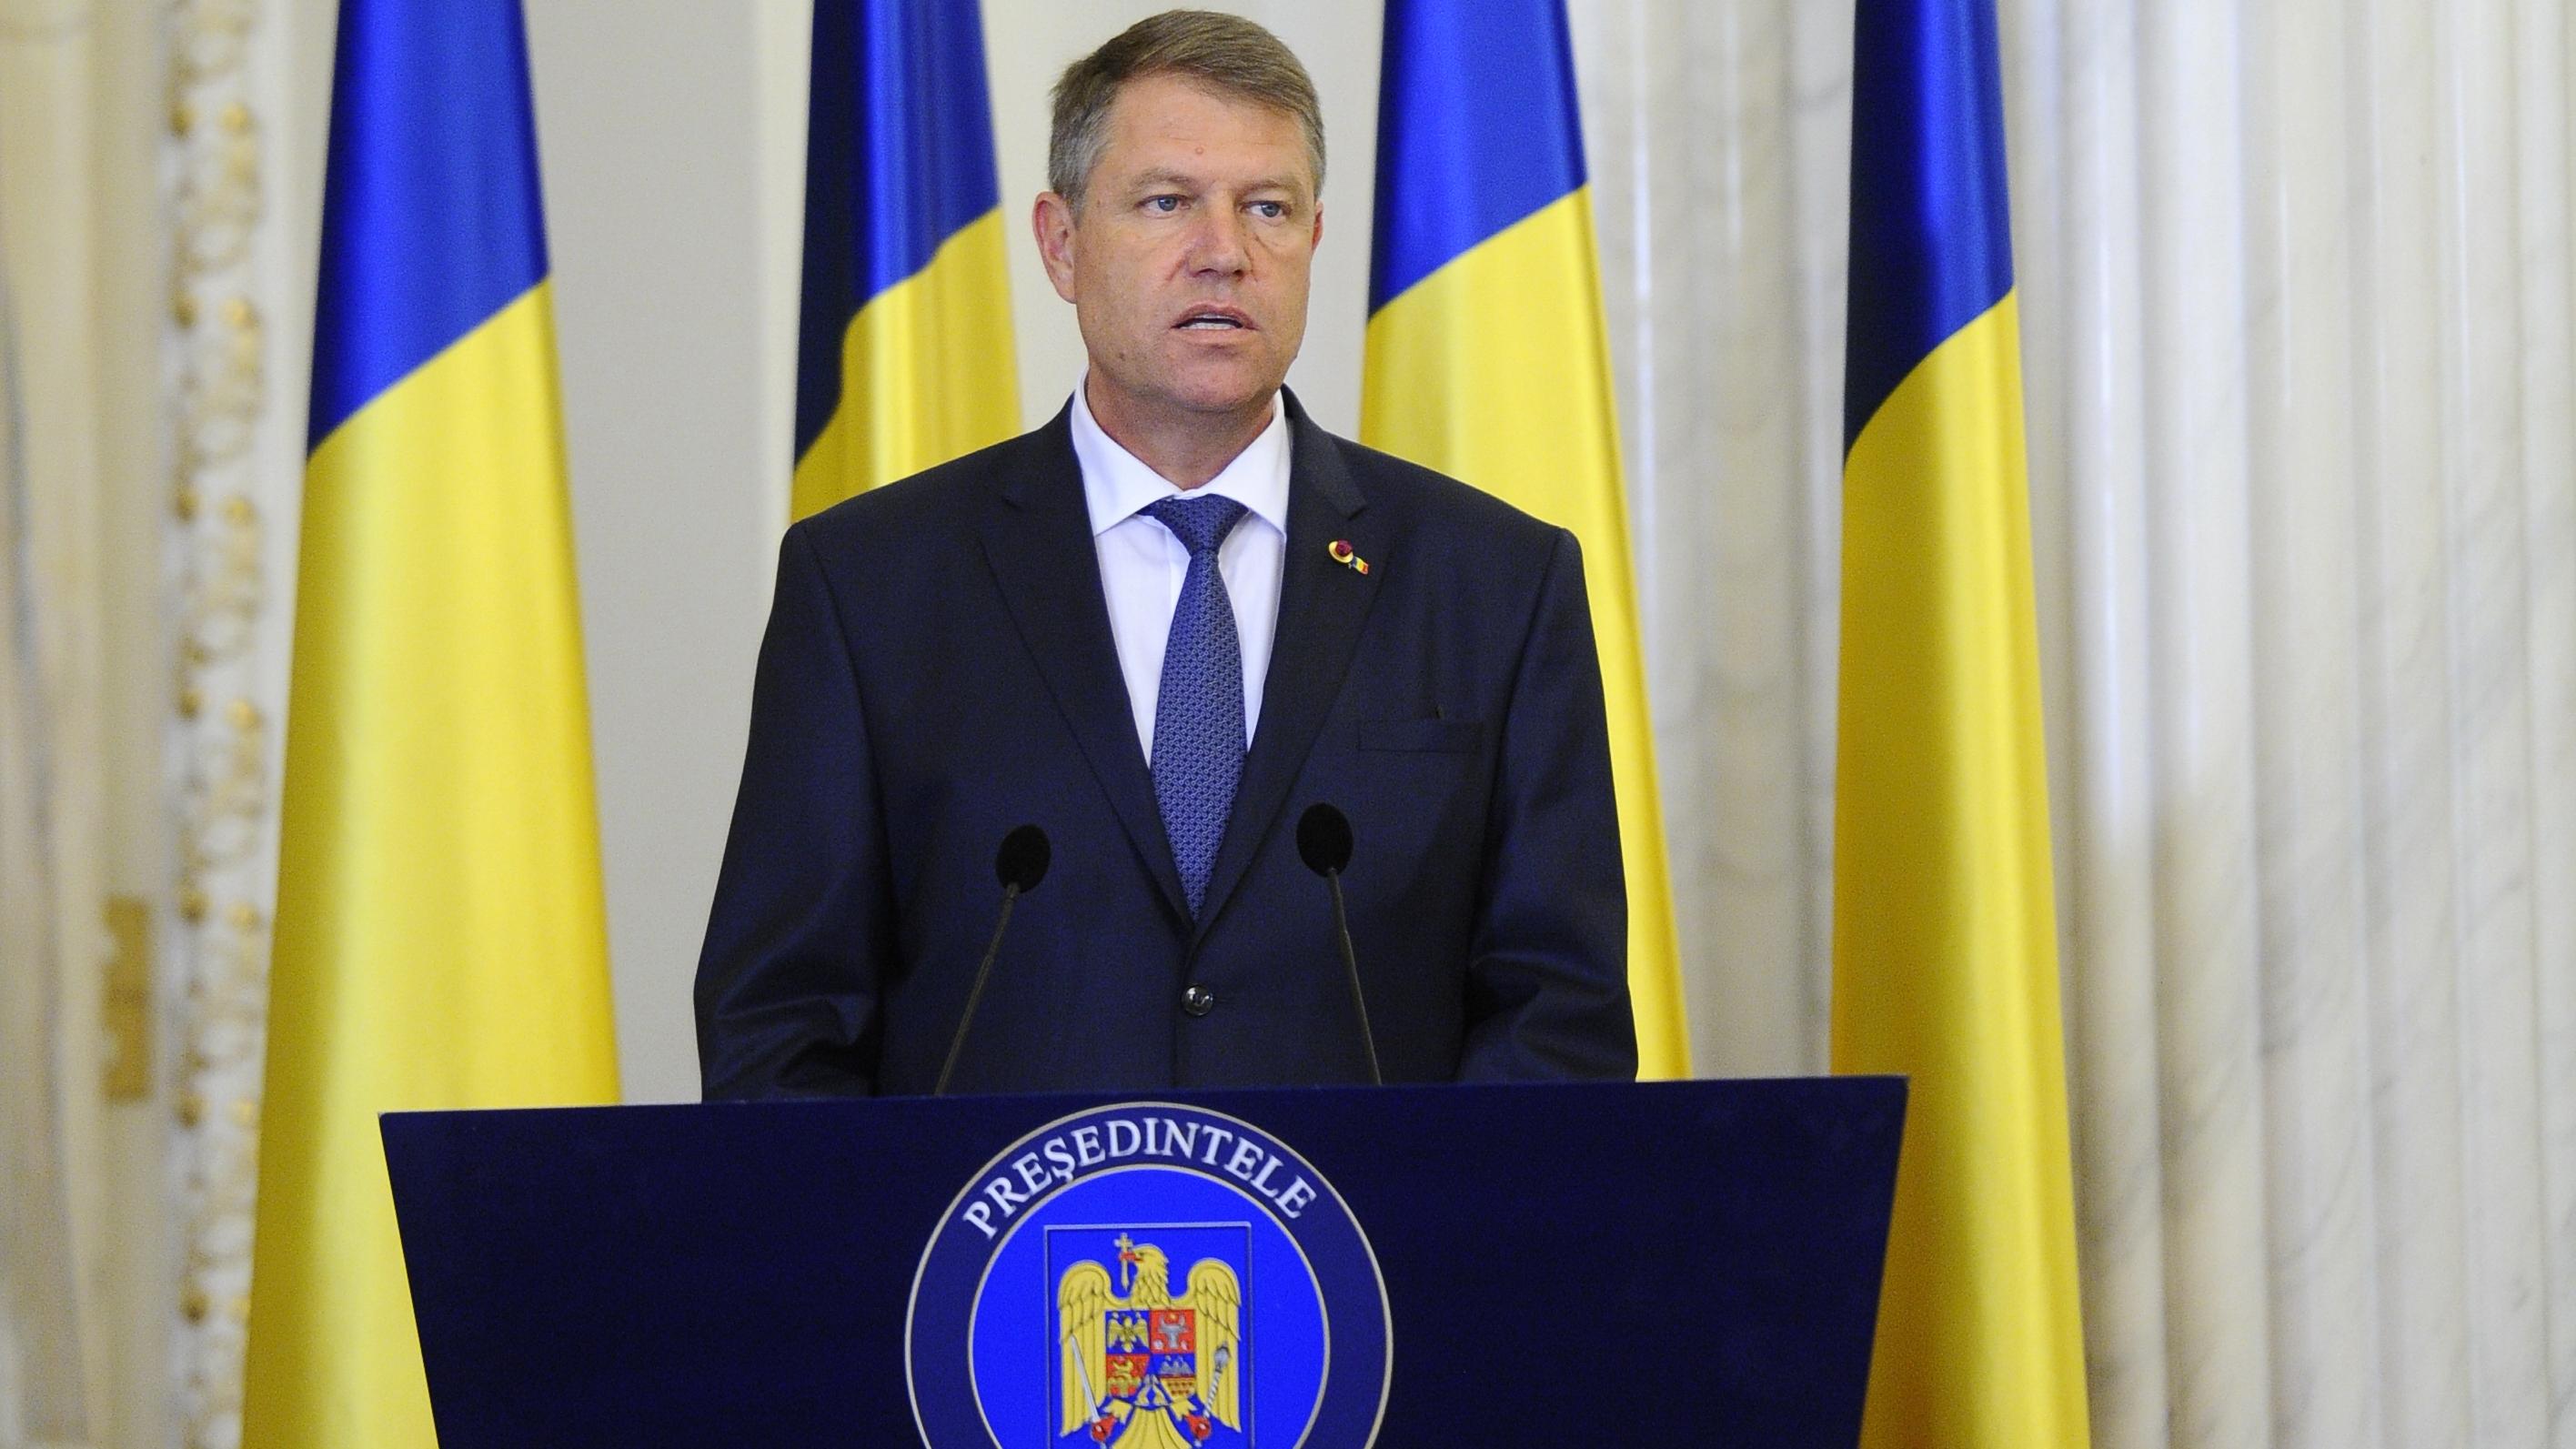 Presedintele Iohannis trimite spre reexaminare legea care scuteste alesii locali de unele incompatibilitati